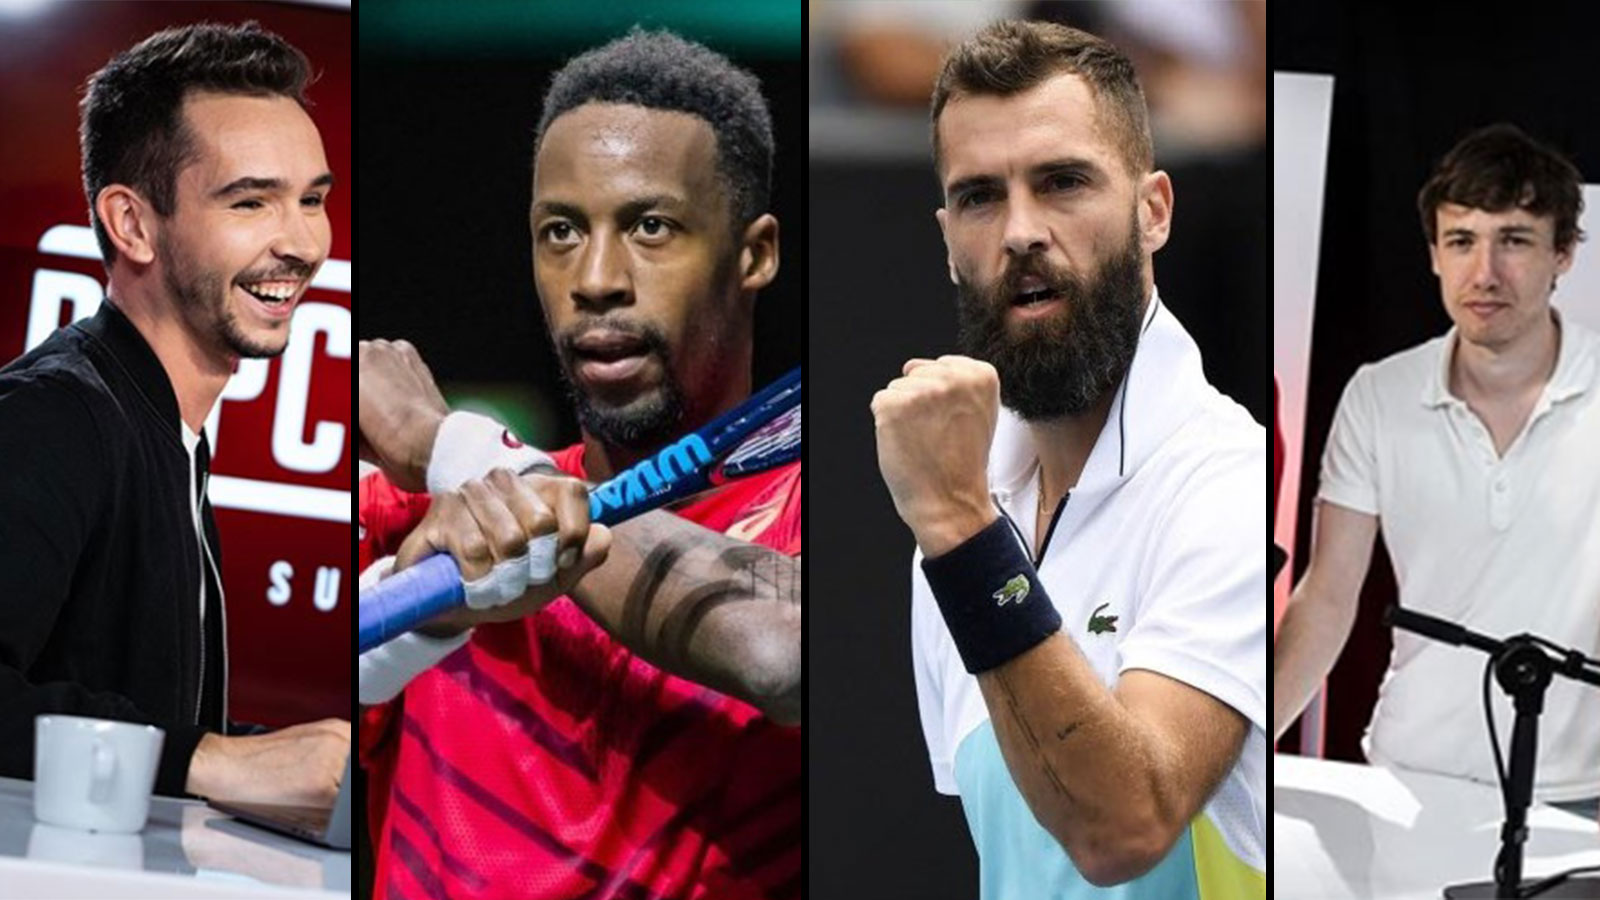 Domingo et Monfils vont affronter Sardoche et Paire au Tennis